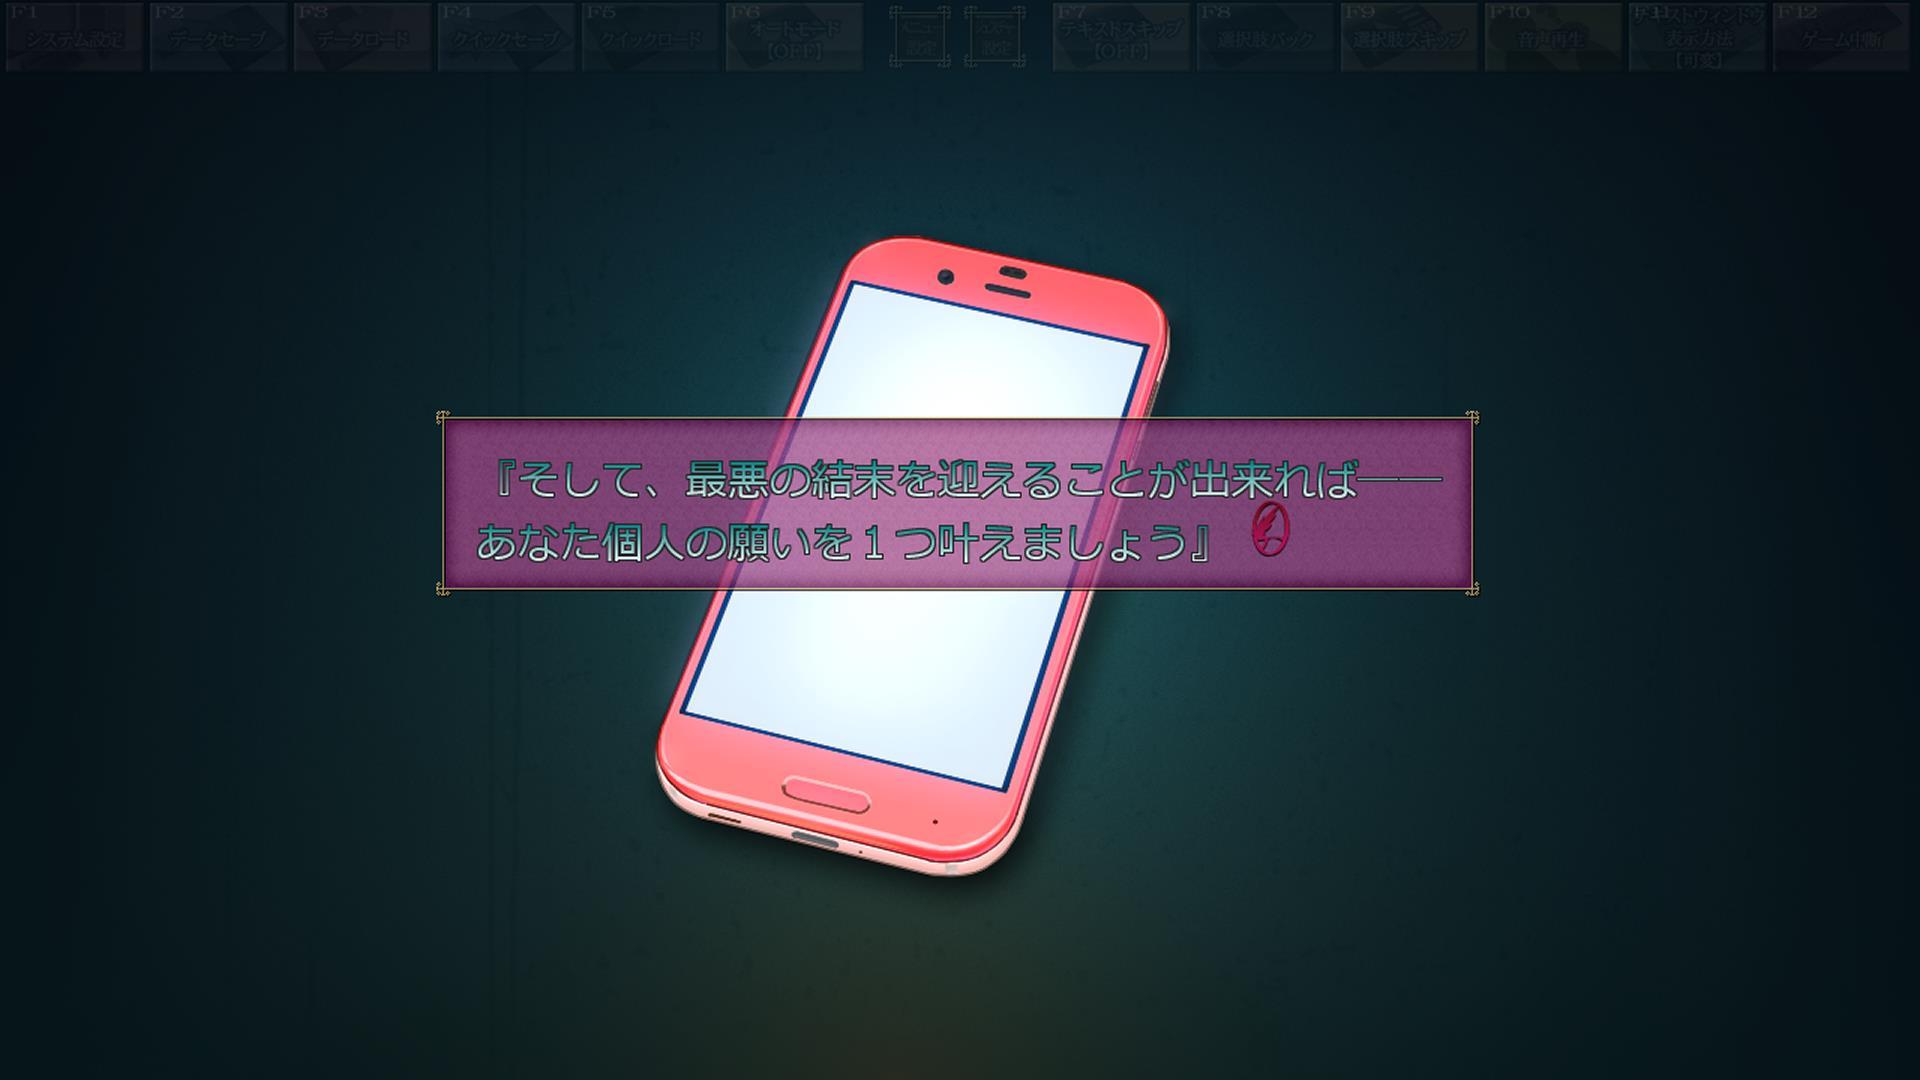 screeenshot-20200729173308592.jpg